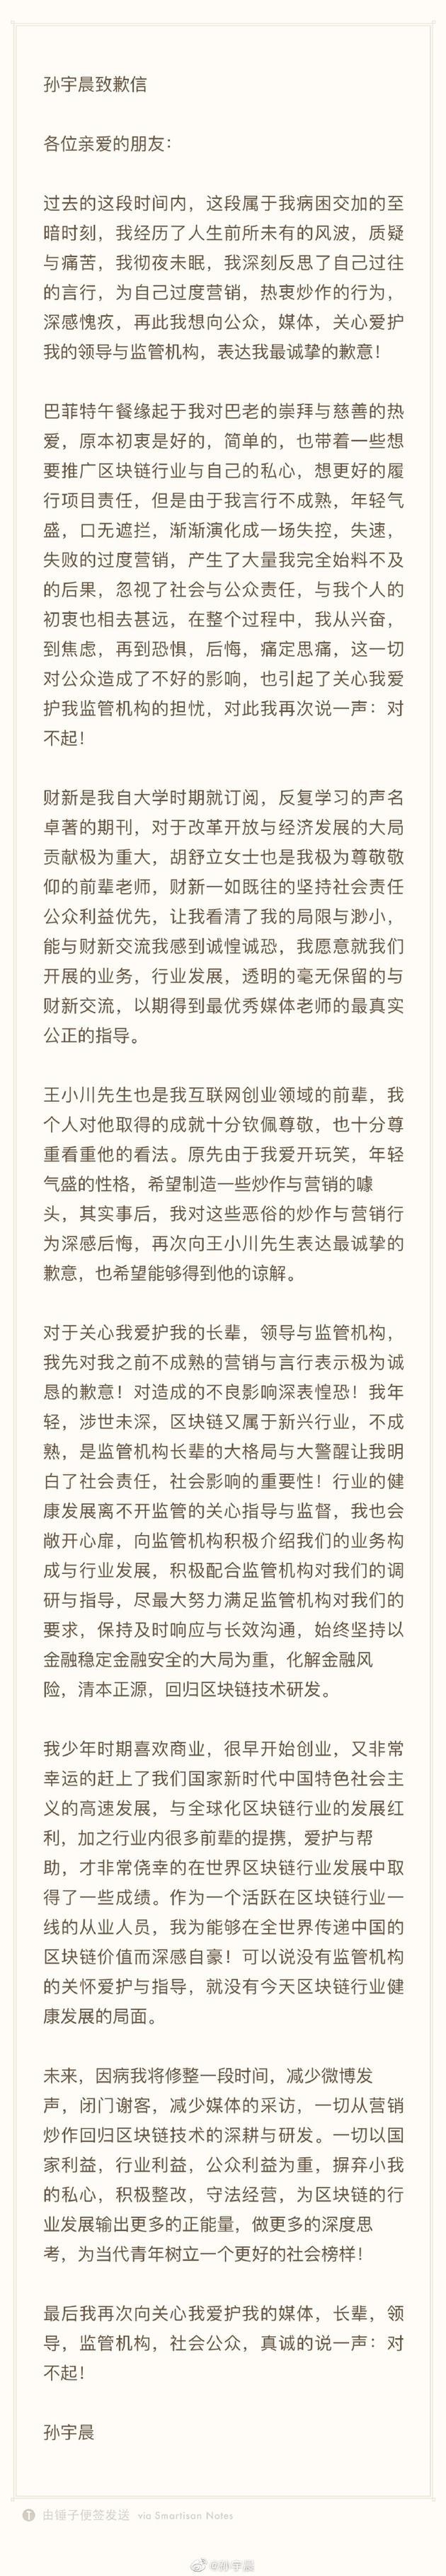 孙宇晨发布道歉信:对恶俗炒作与营销行为深感后悔的照片 - 2